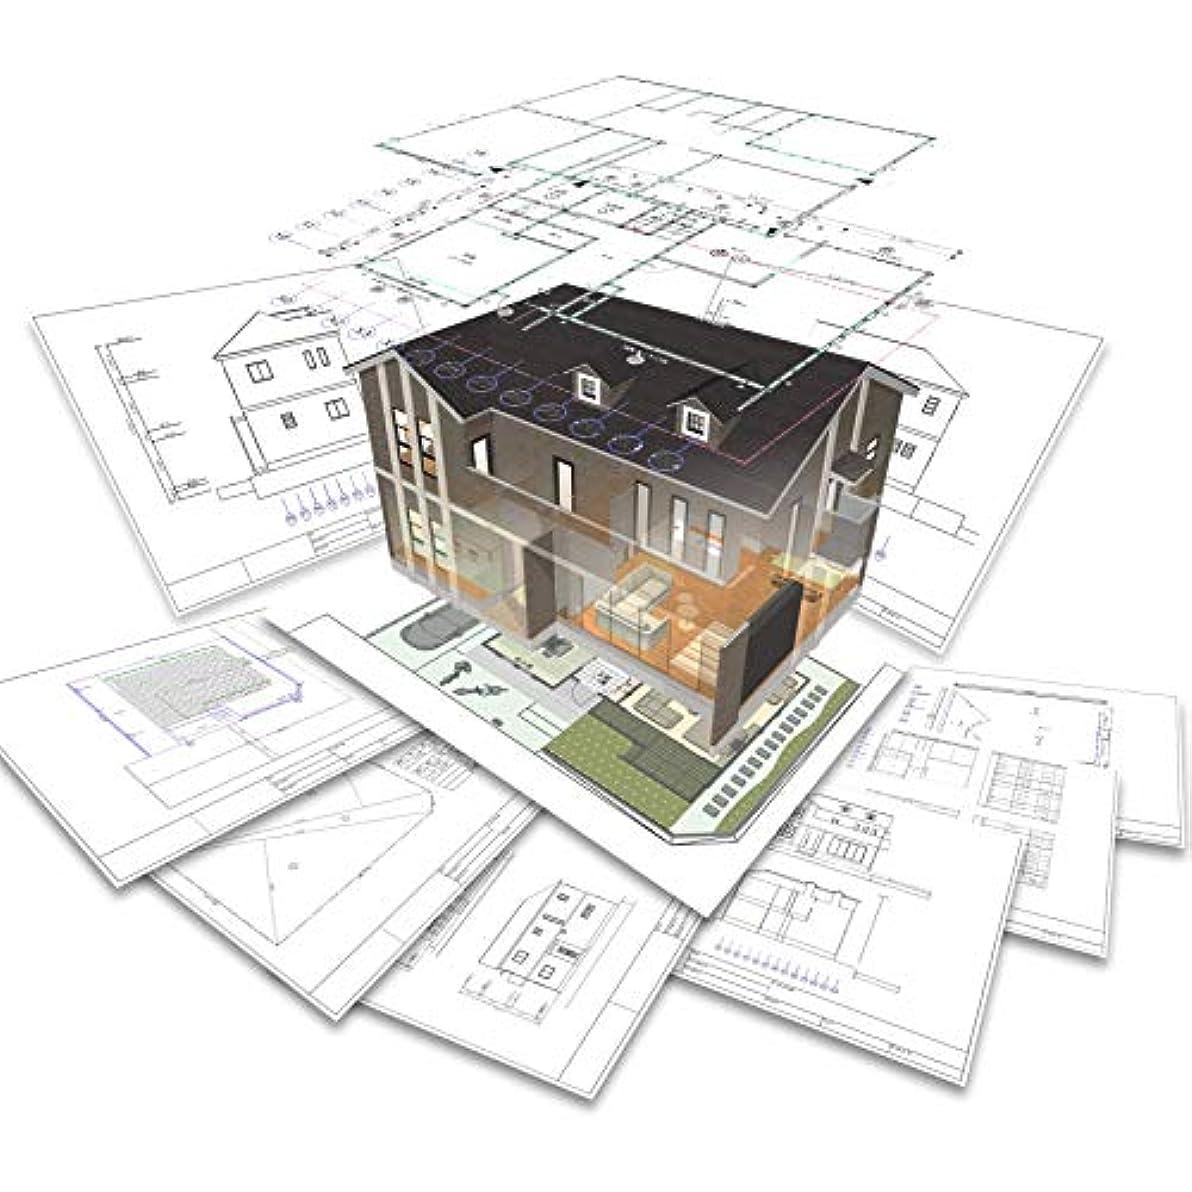 精査する同行チャット3Dアーキデザイナー10 Professional(永久ライセンス)専用 確認申請図支援キット|ダウンロード版